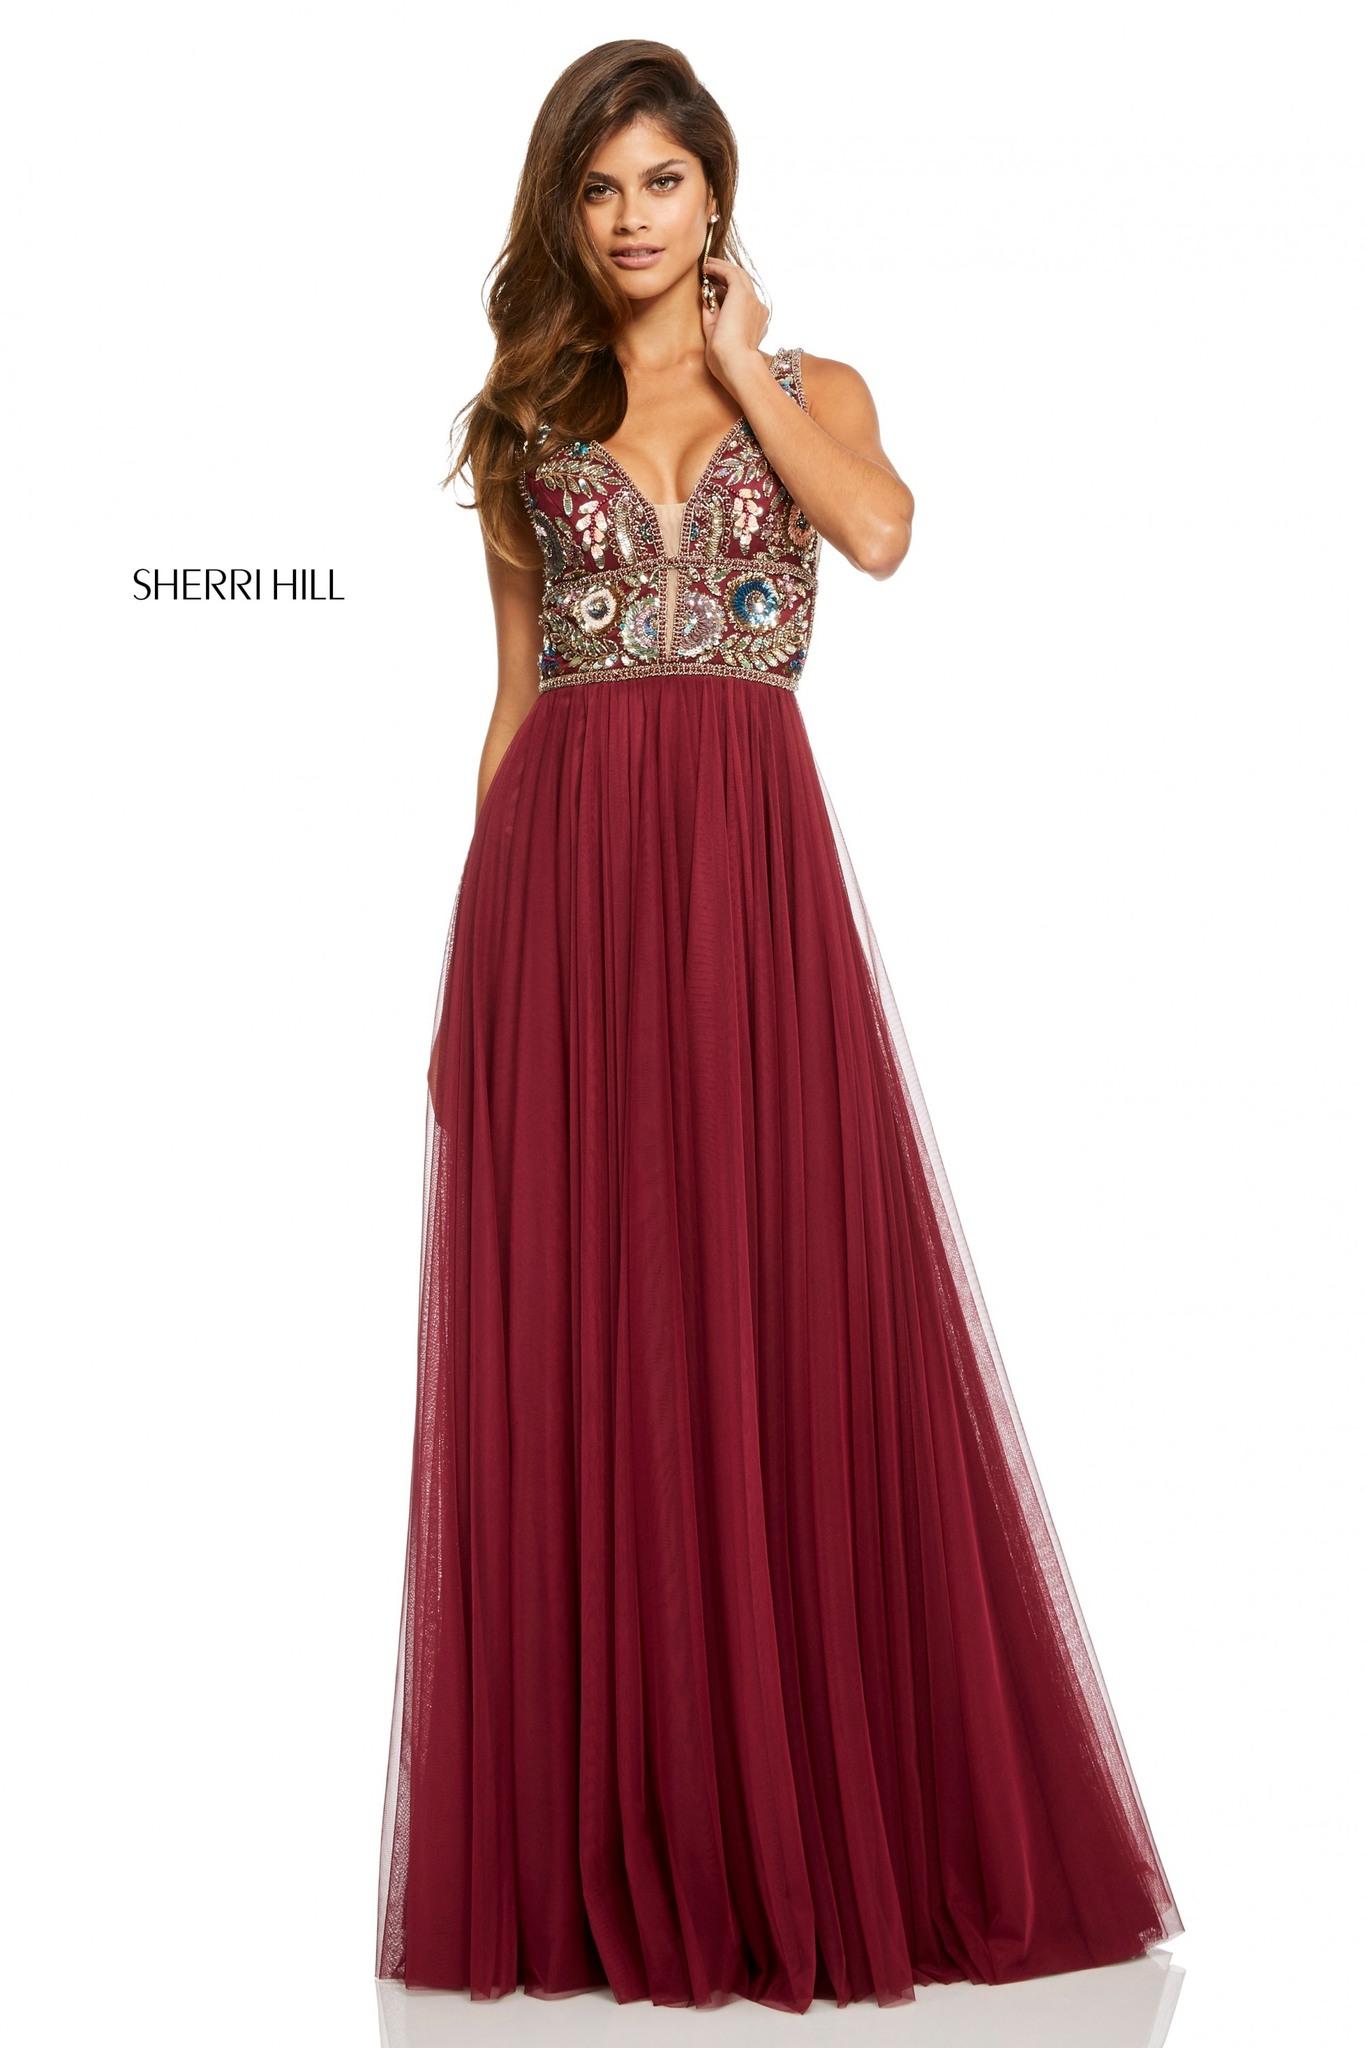 Sherri Hill 52473  Платье в пол, лиф украшен камнями, юбка длинная и пышная